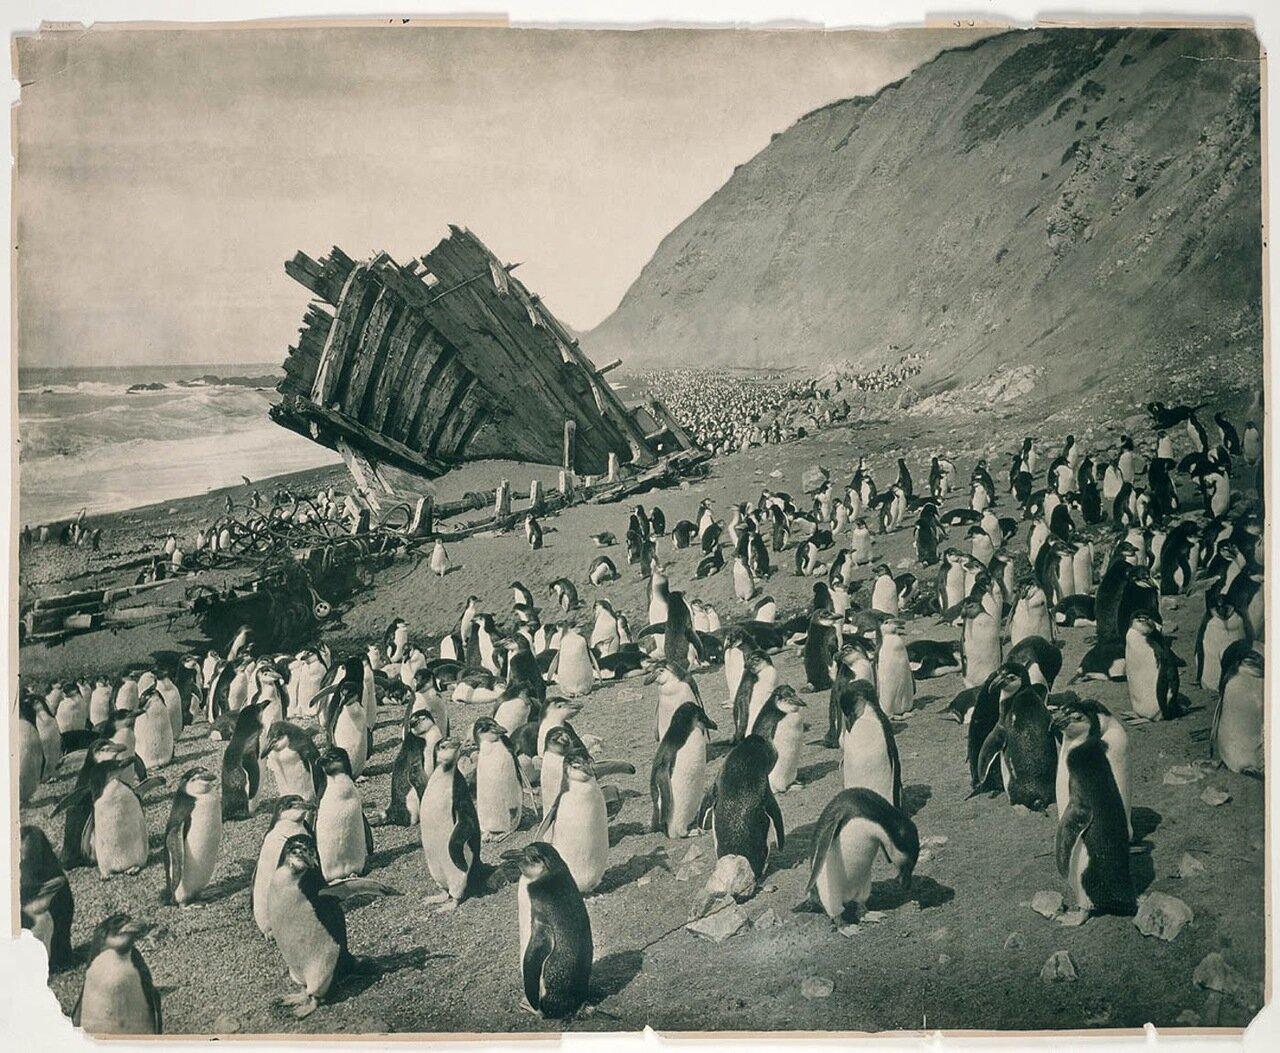 Разбитое промысловое судно «Благодарность» на пляже о. Маккуори. 1911